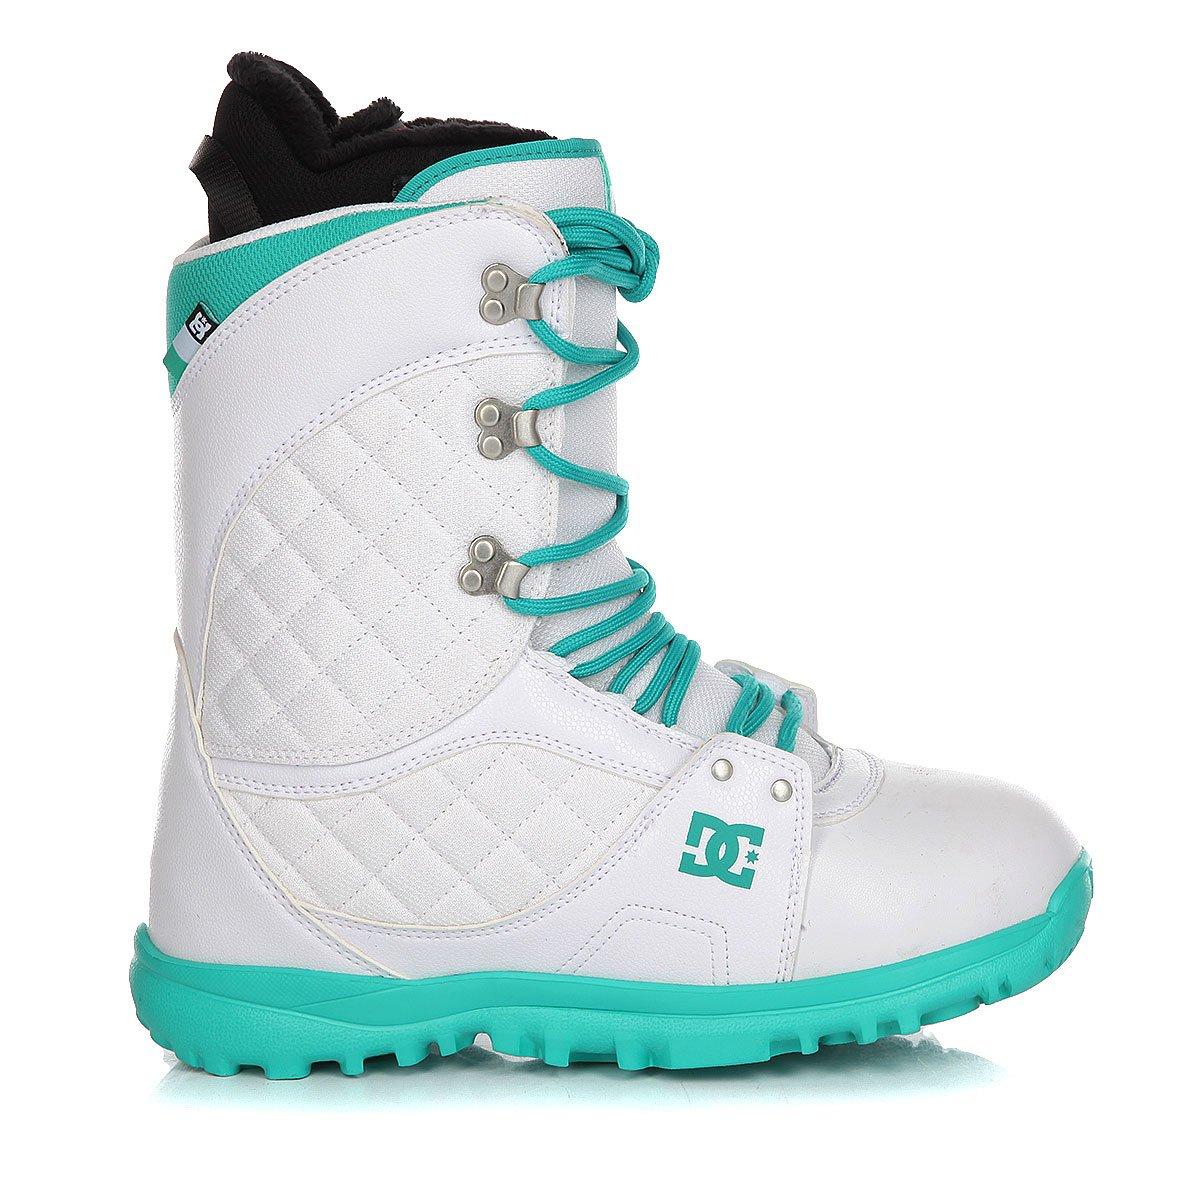 090c008b43c7 Купить ботинки для сноуборда женские DC Karma White (ADJO200010-103 ...